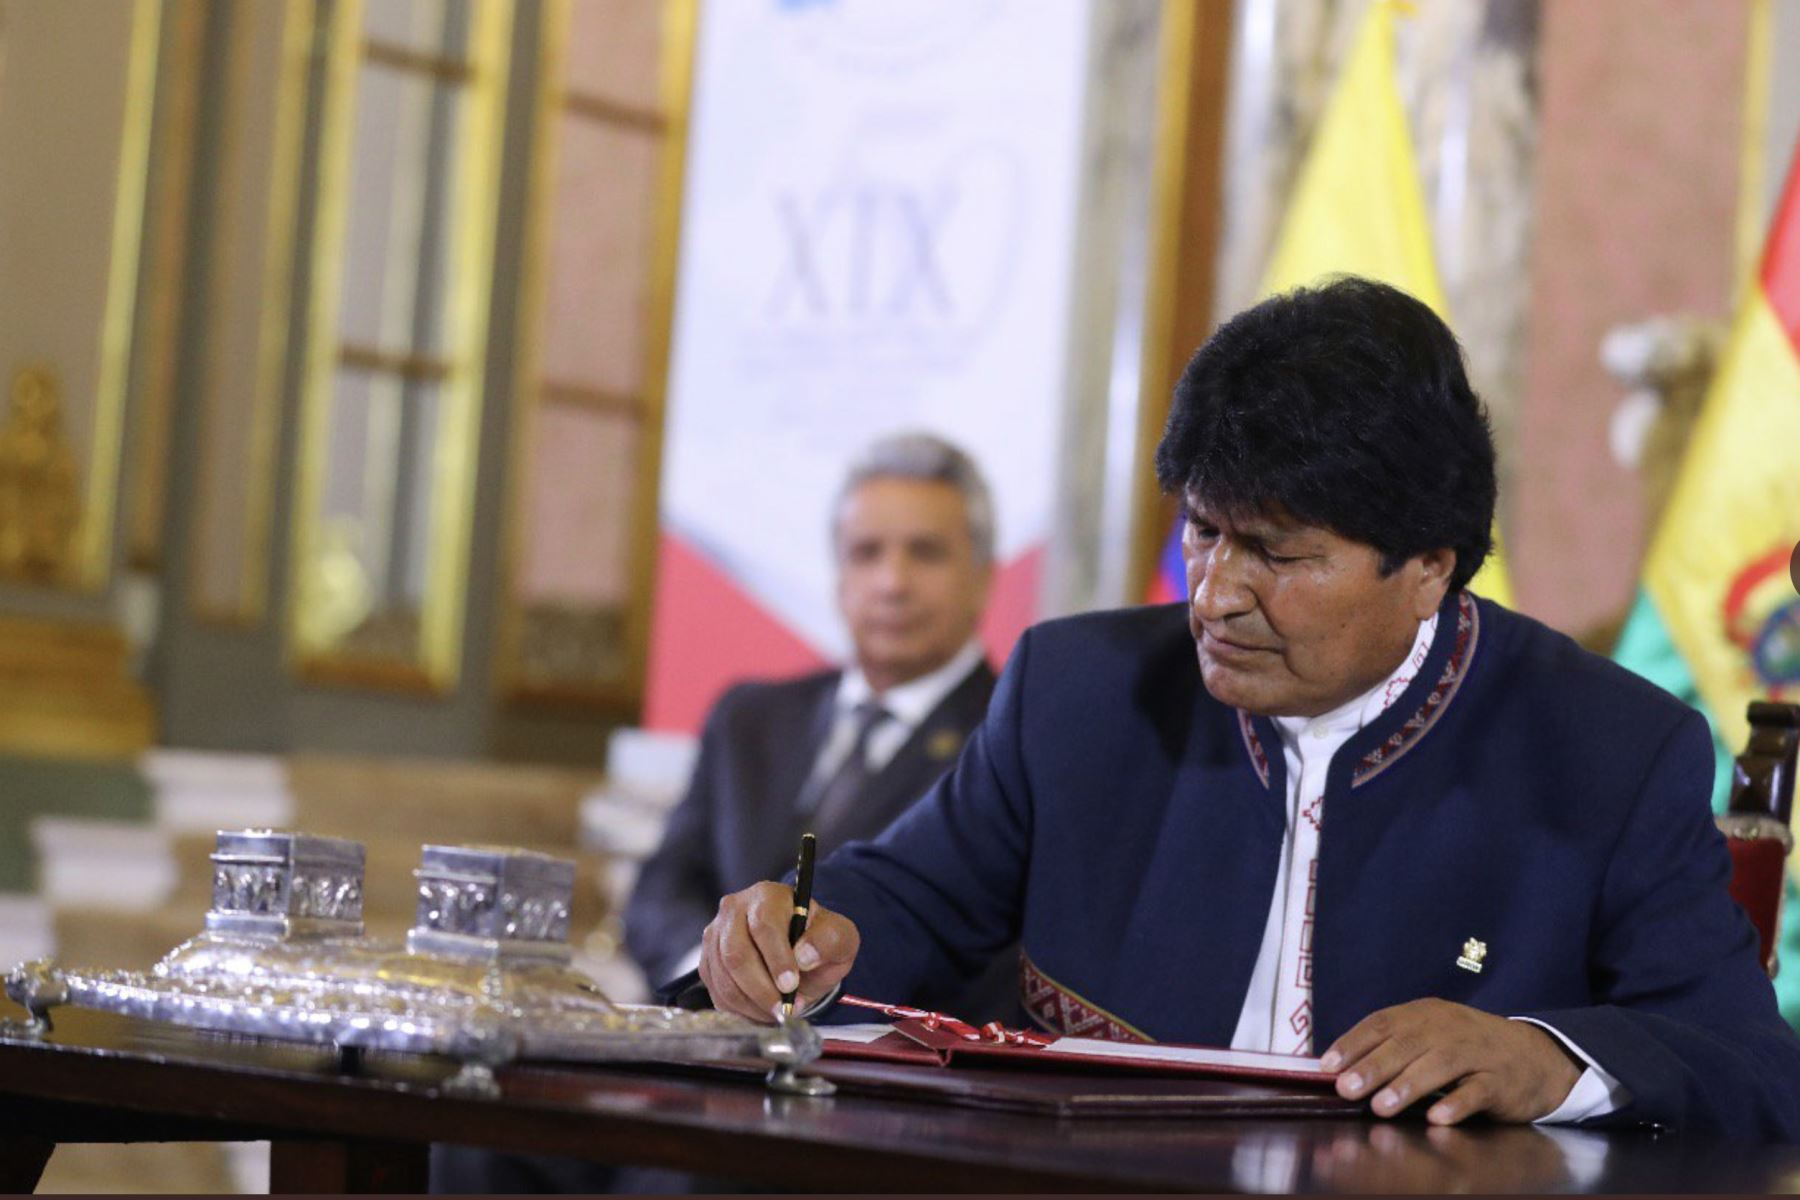 Presidente Vizcarra  junto a sus homólogo  de Bolivia, Evo Morales  firman acuerdos orientados a beneficios concretos  para los ciudadanos, al cumplirse 50 años  de la Comunidad Andina - CAN . Foto: ANDINA/Presidencia